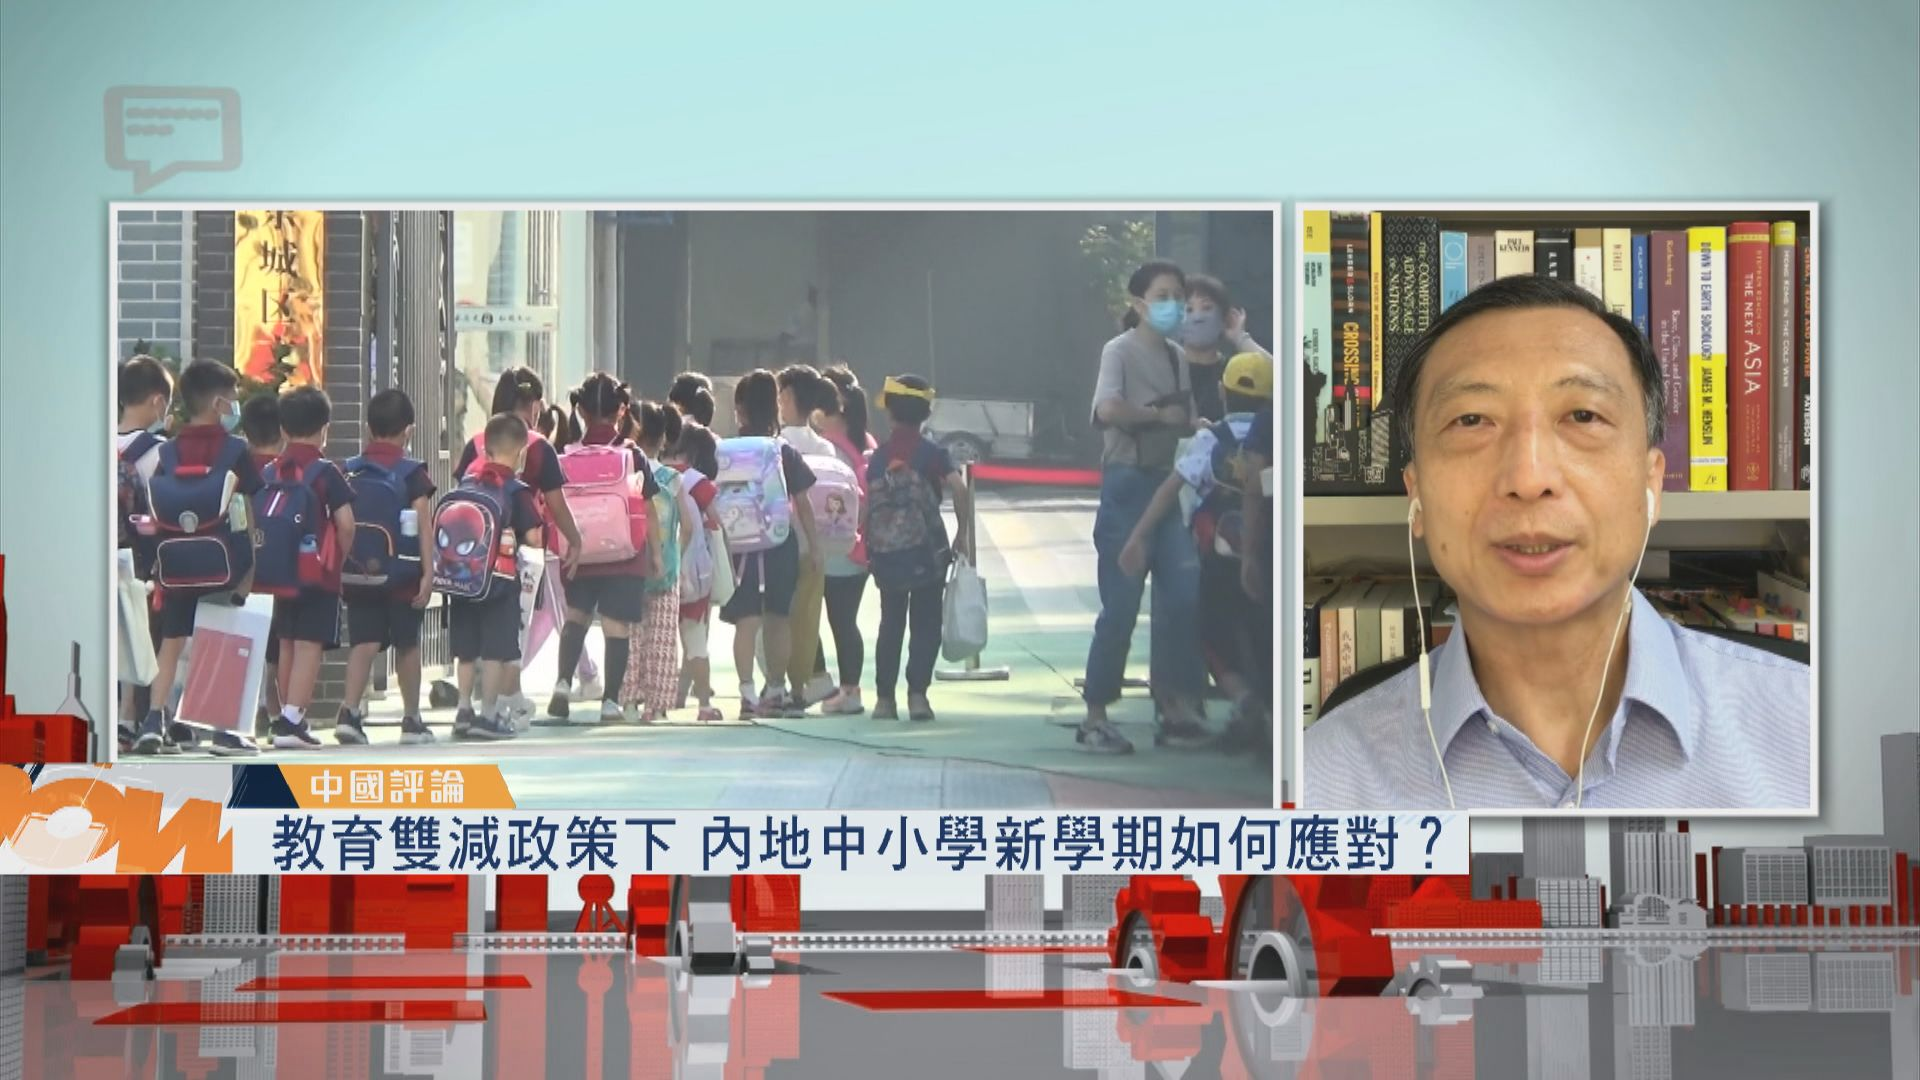 【中國評論】教育雙減政策下內地中小學新學期如何應對?